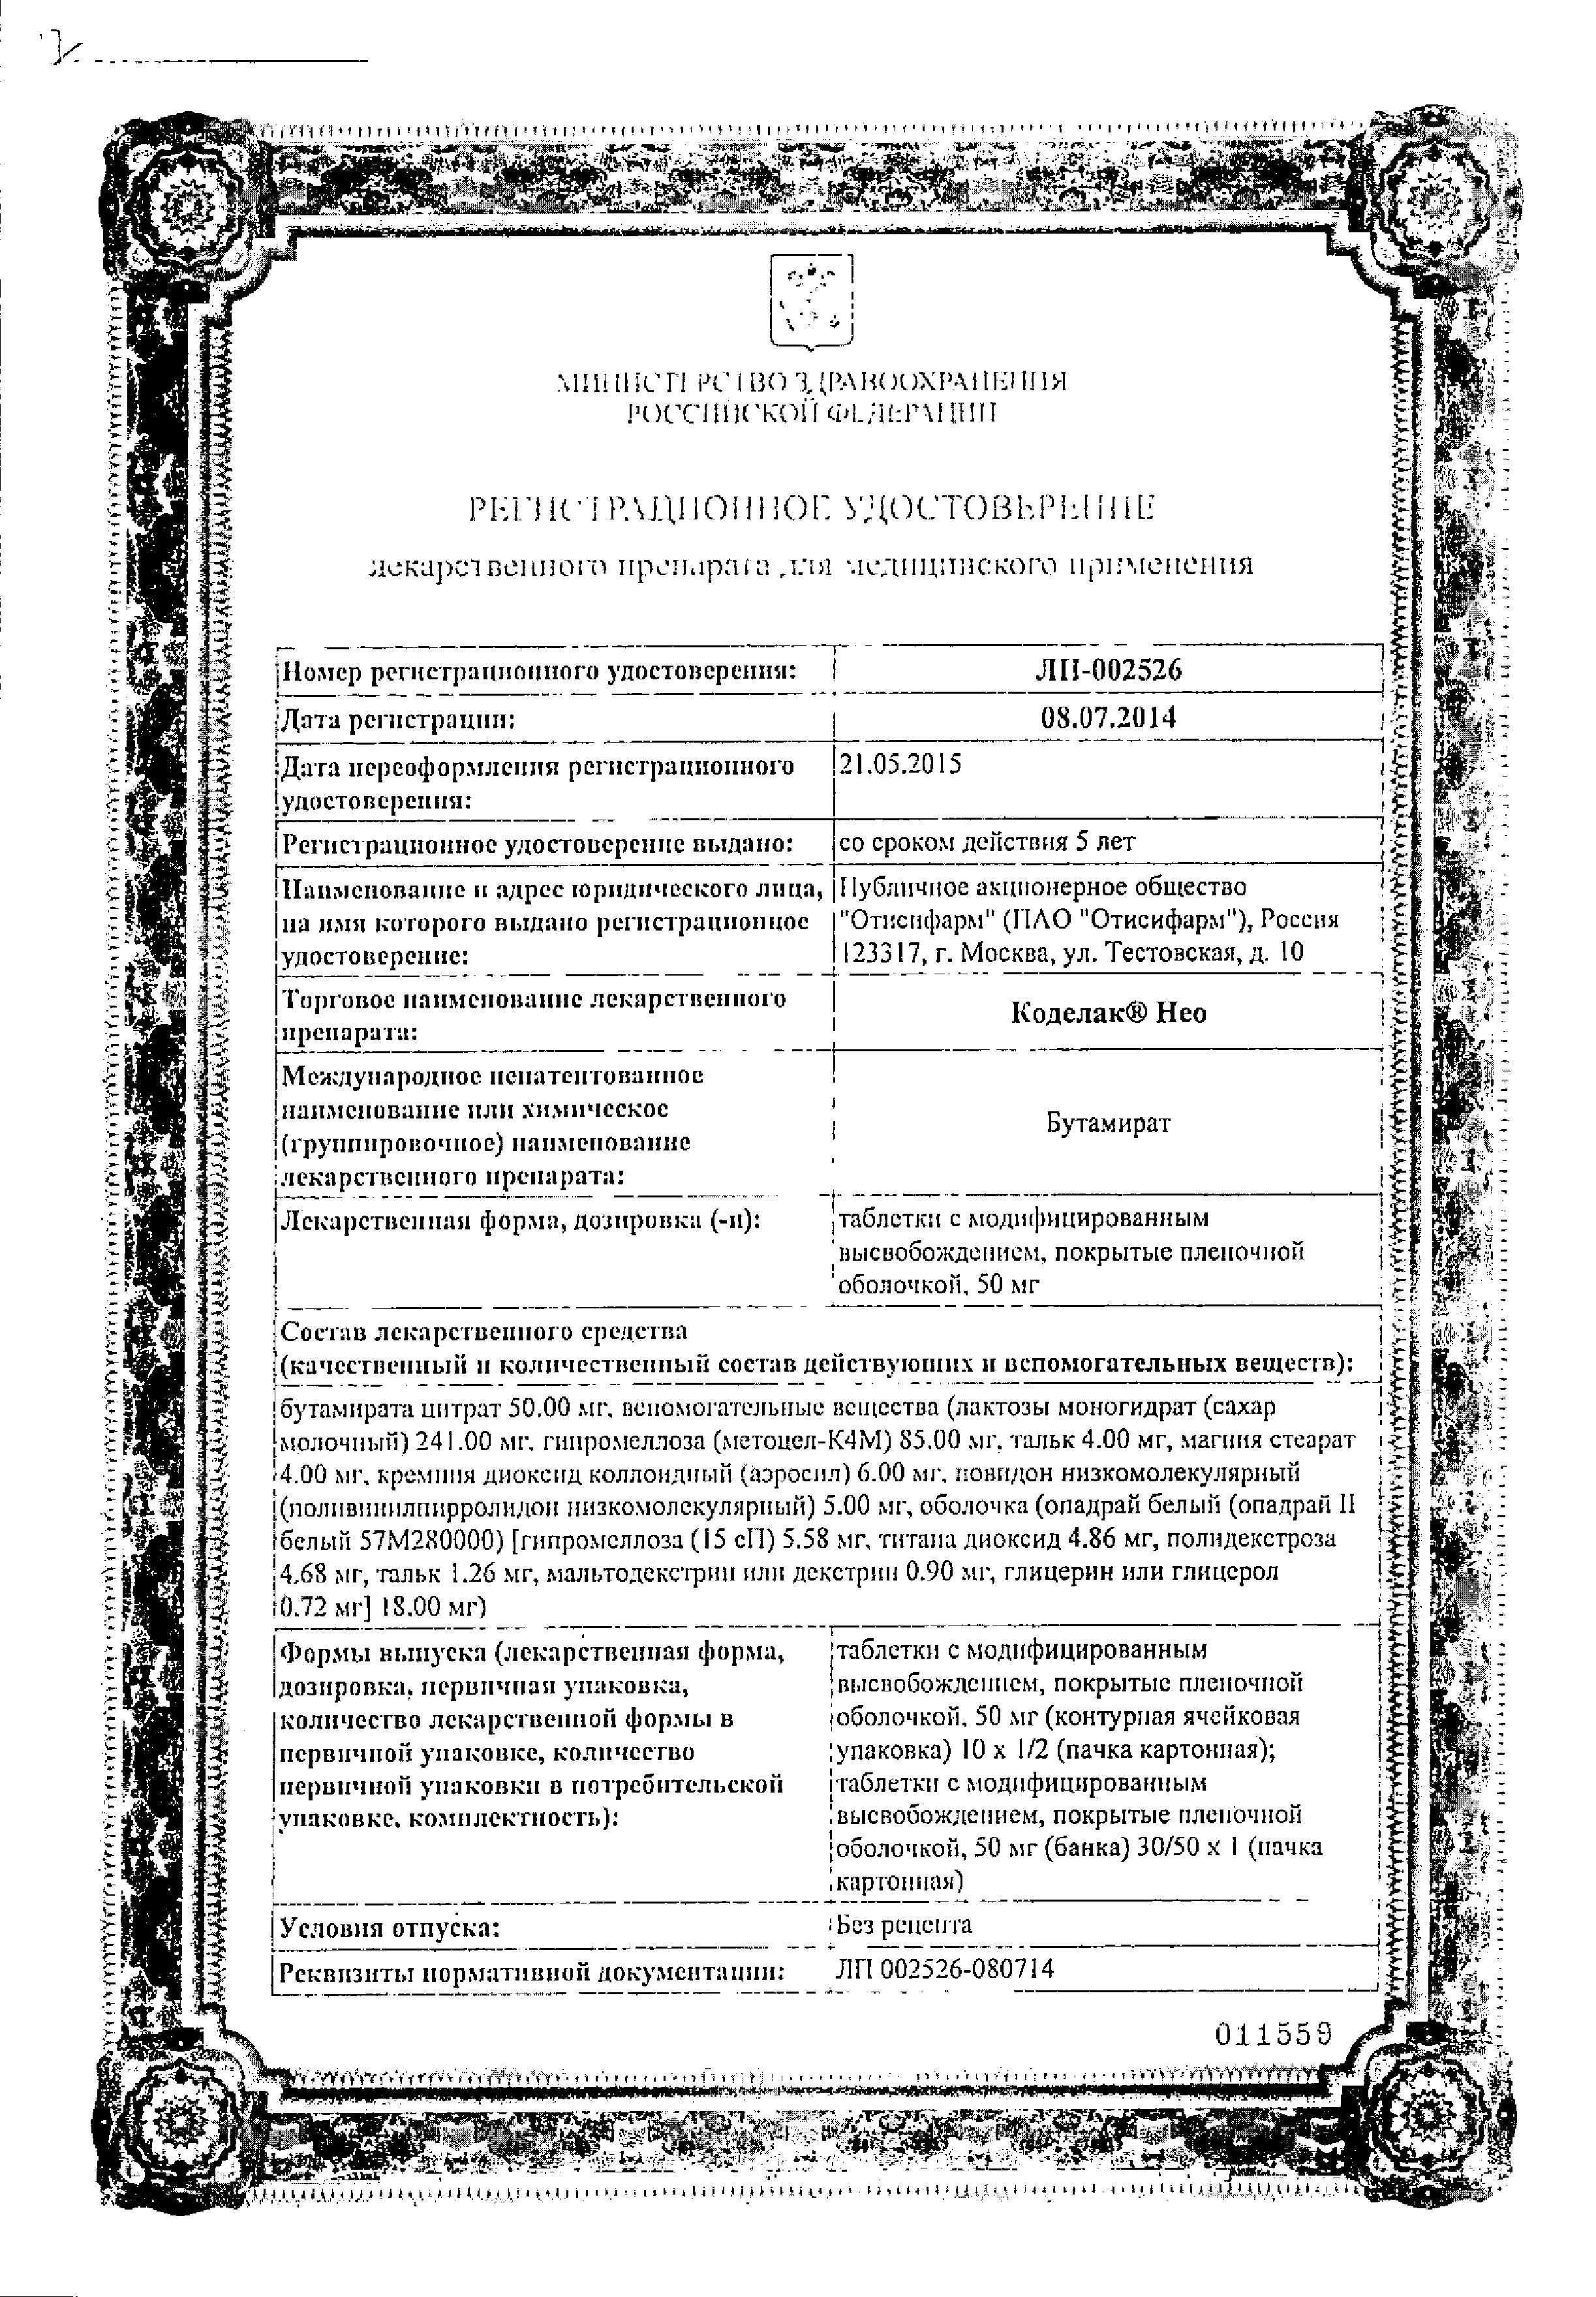 Коделак Нео сертификат